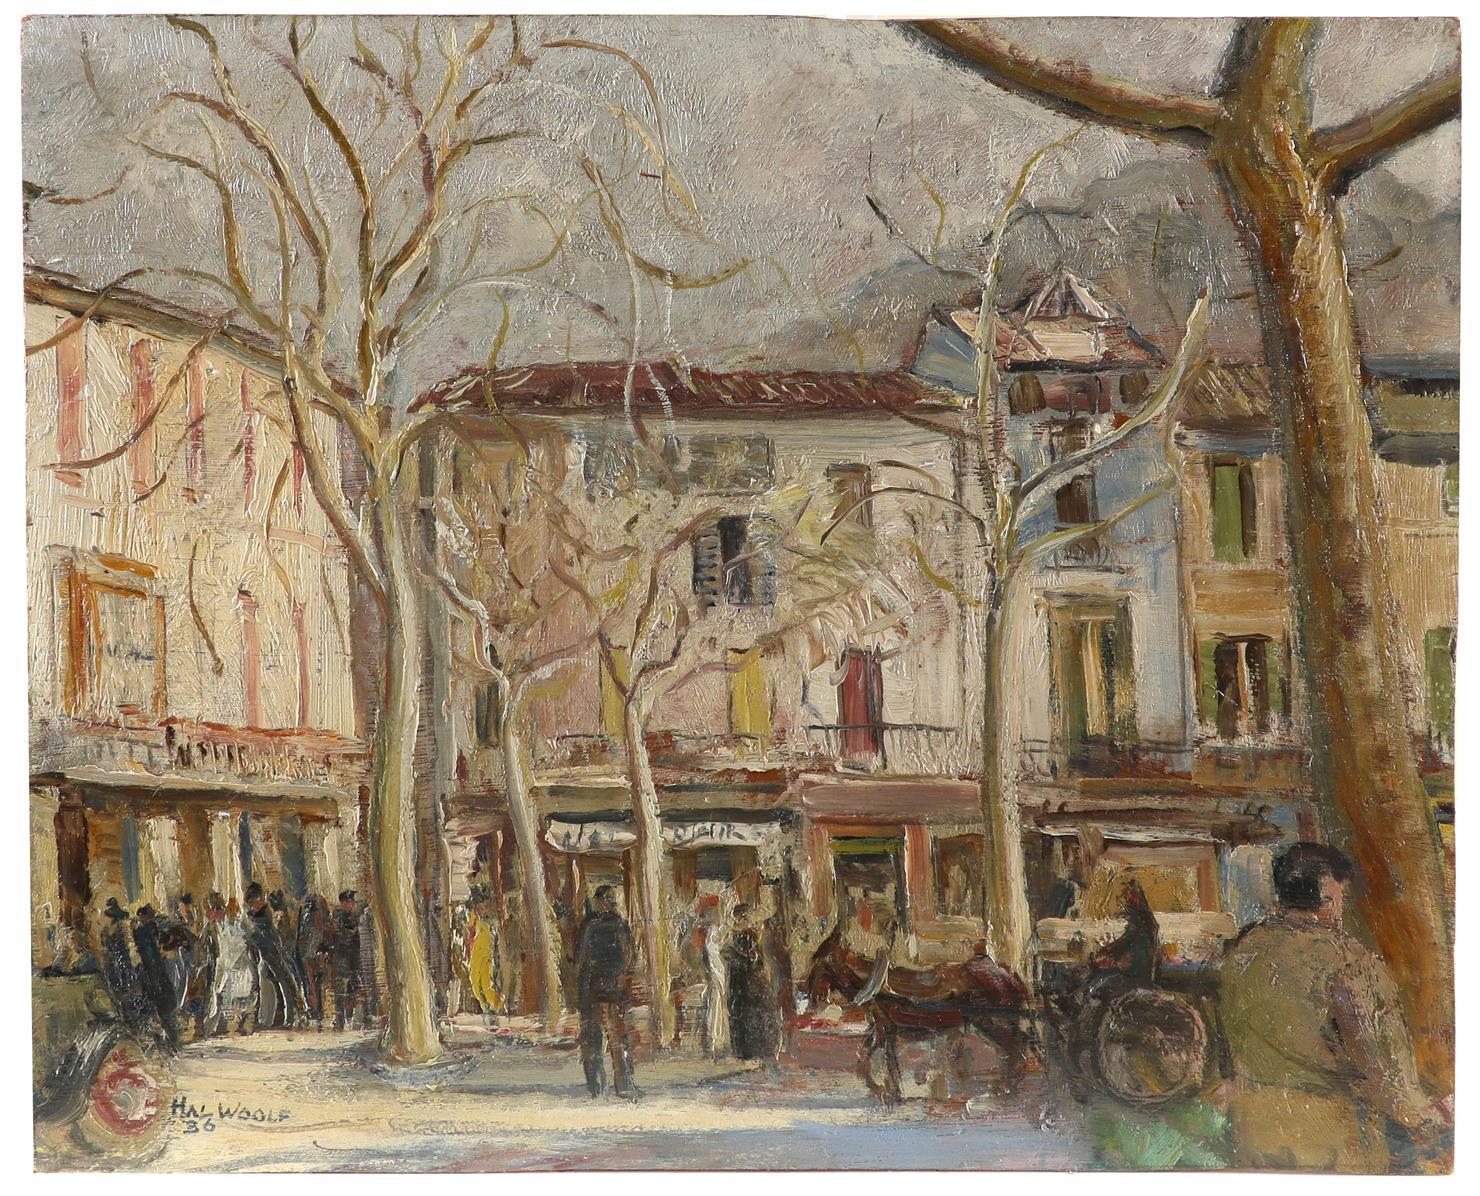 ‡Hal Woolf (1902-1962) Market Scene, Sóller, Mallorca Signed HAL WOOLF/36 (lower left) Oil on - Image 2 of 3